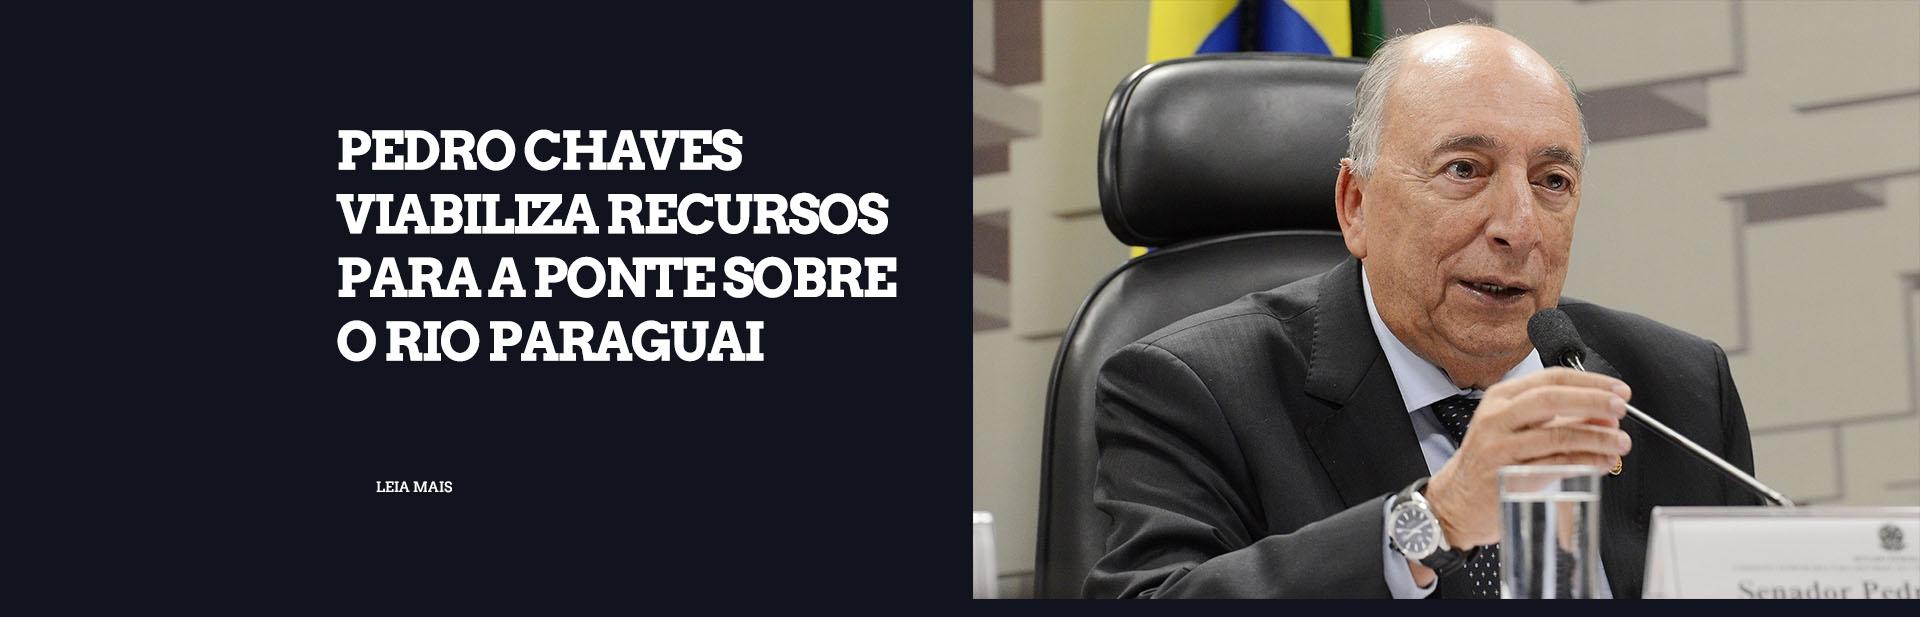 Construção de ponte sobre o Rio Paraguai é uma vitória, diz Pedro Chaves